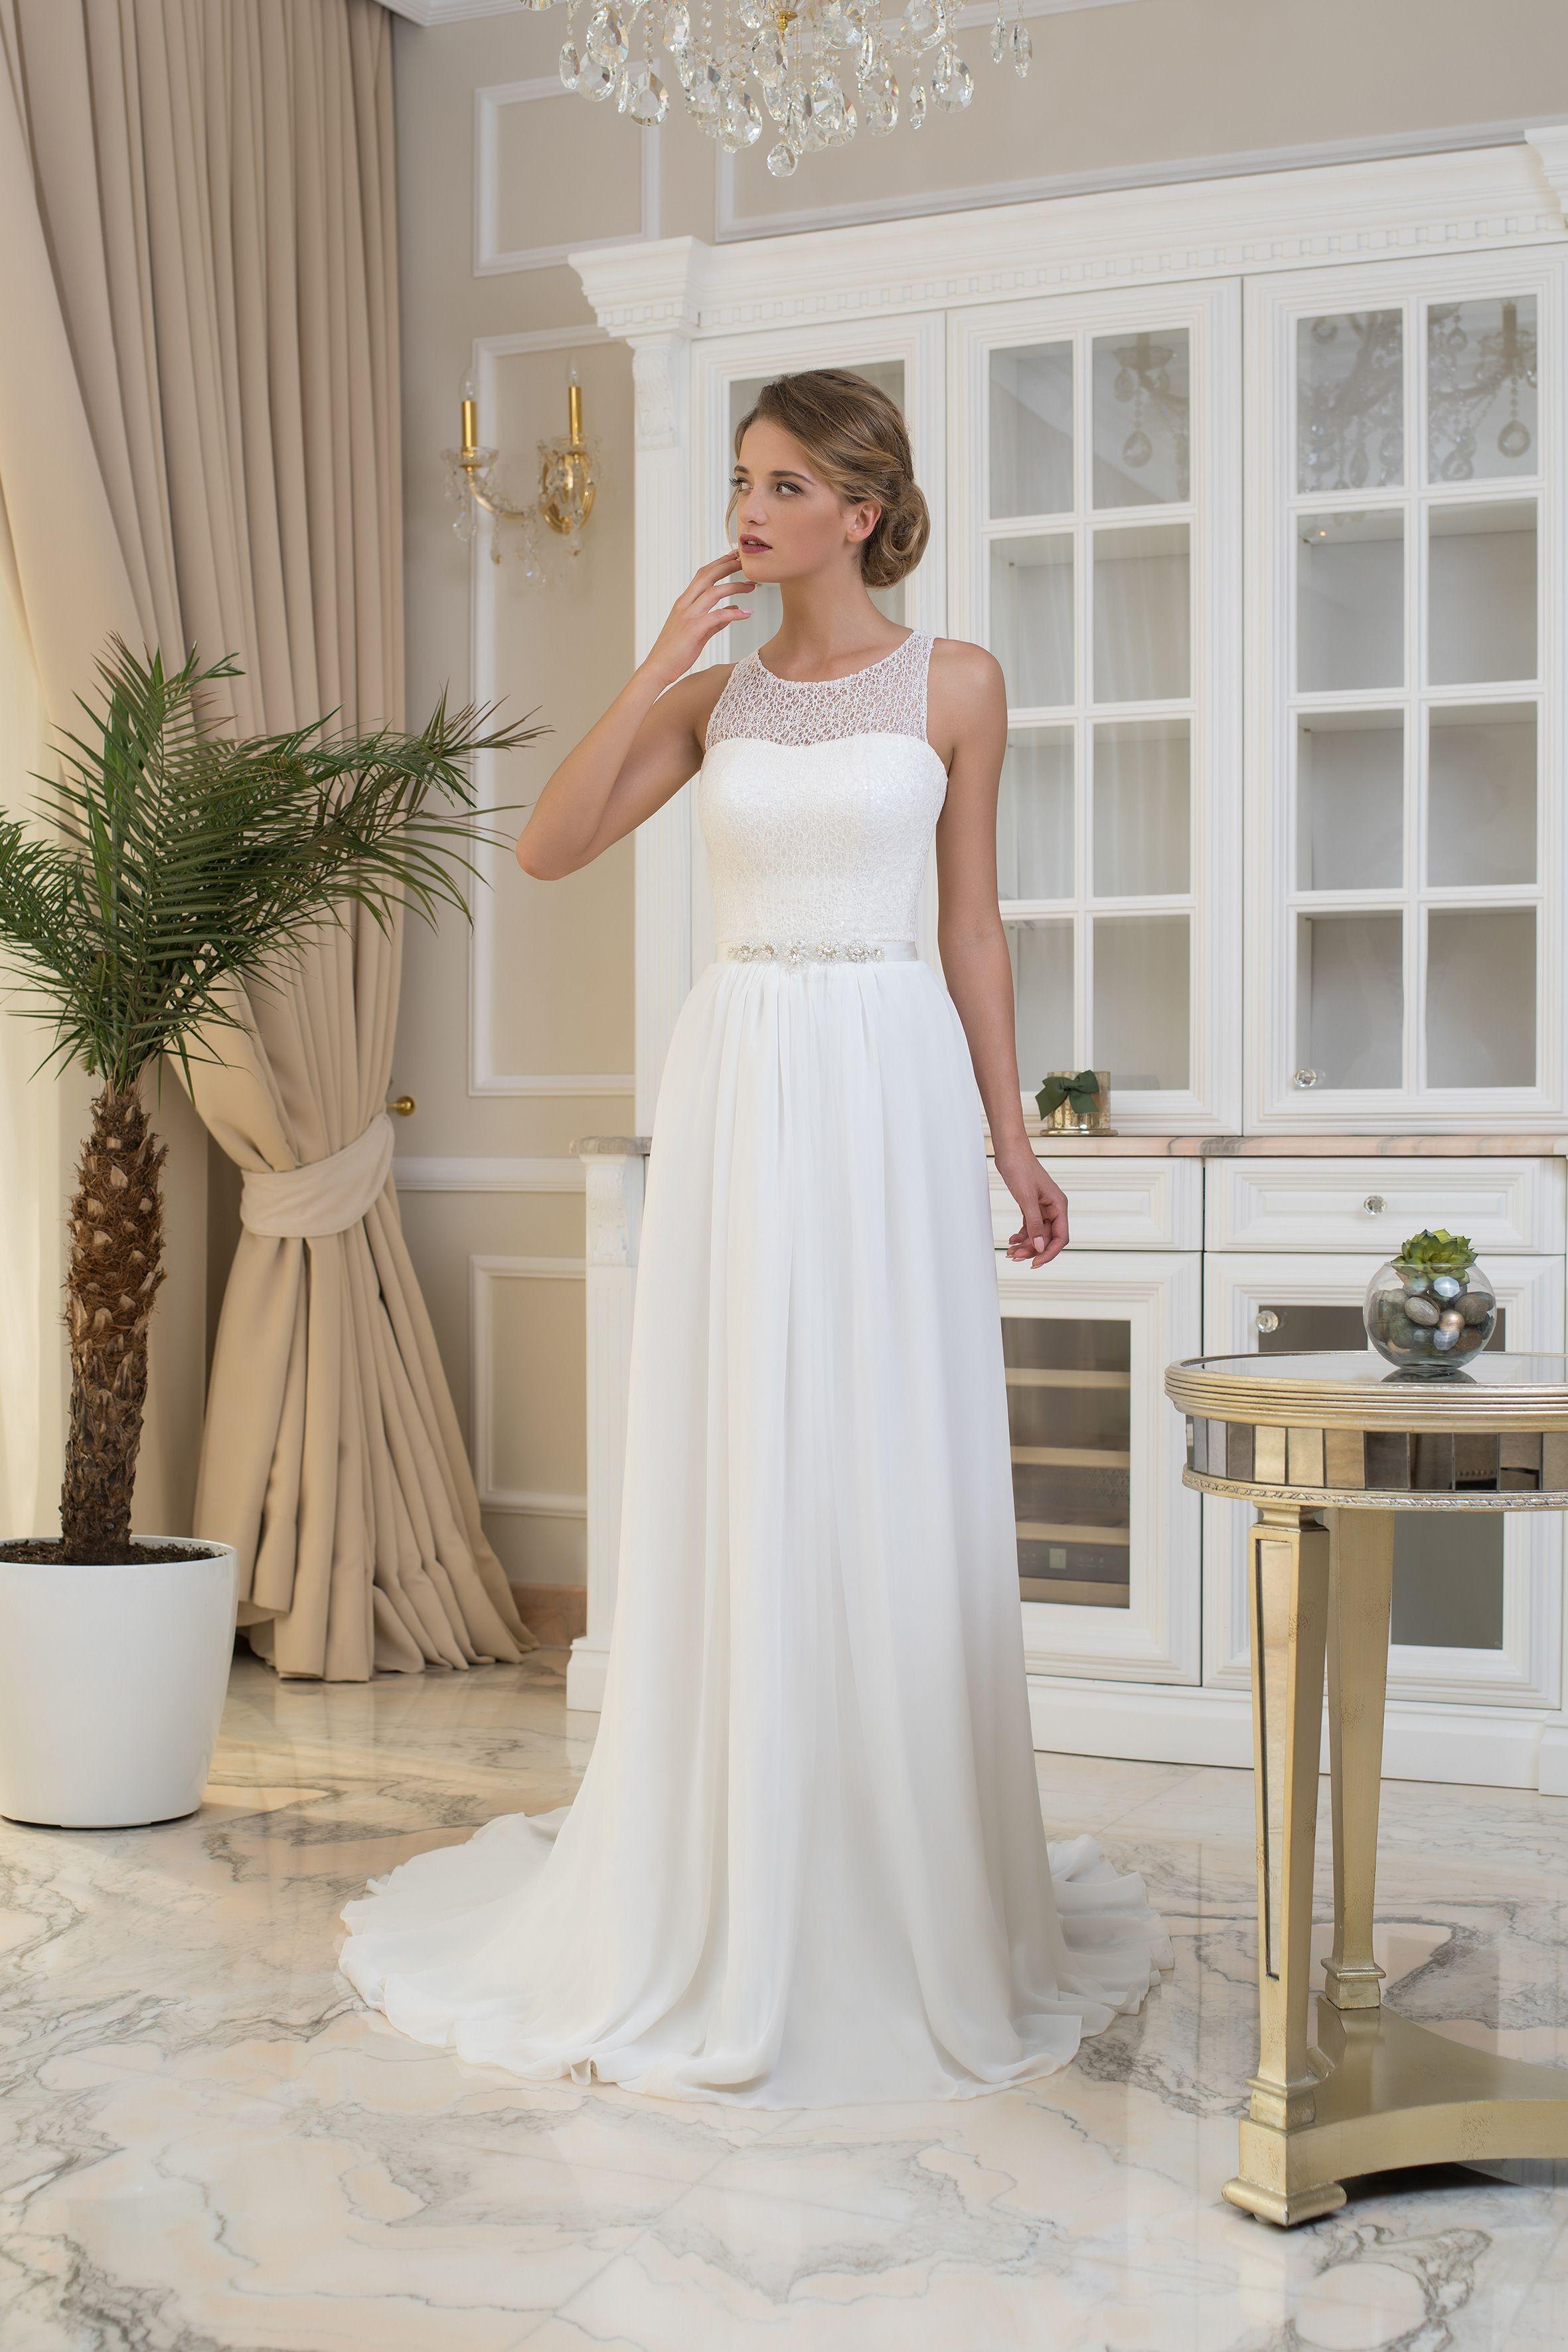 4b7642ffe1c0 Jednoduché svadobné šaty s ľahkou padavou sukňou zdobené opaskom ...